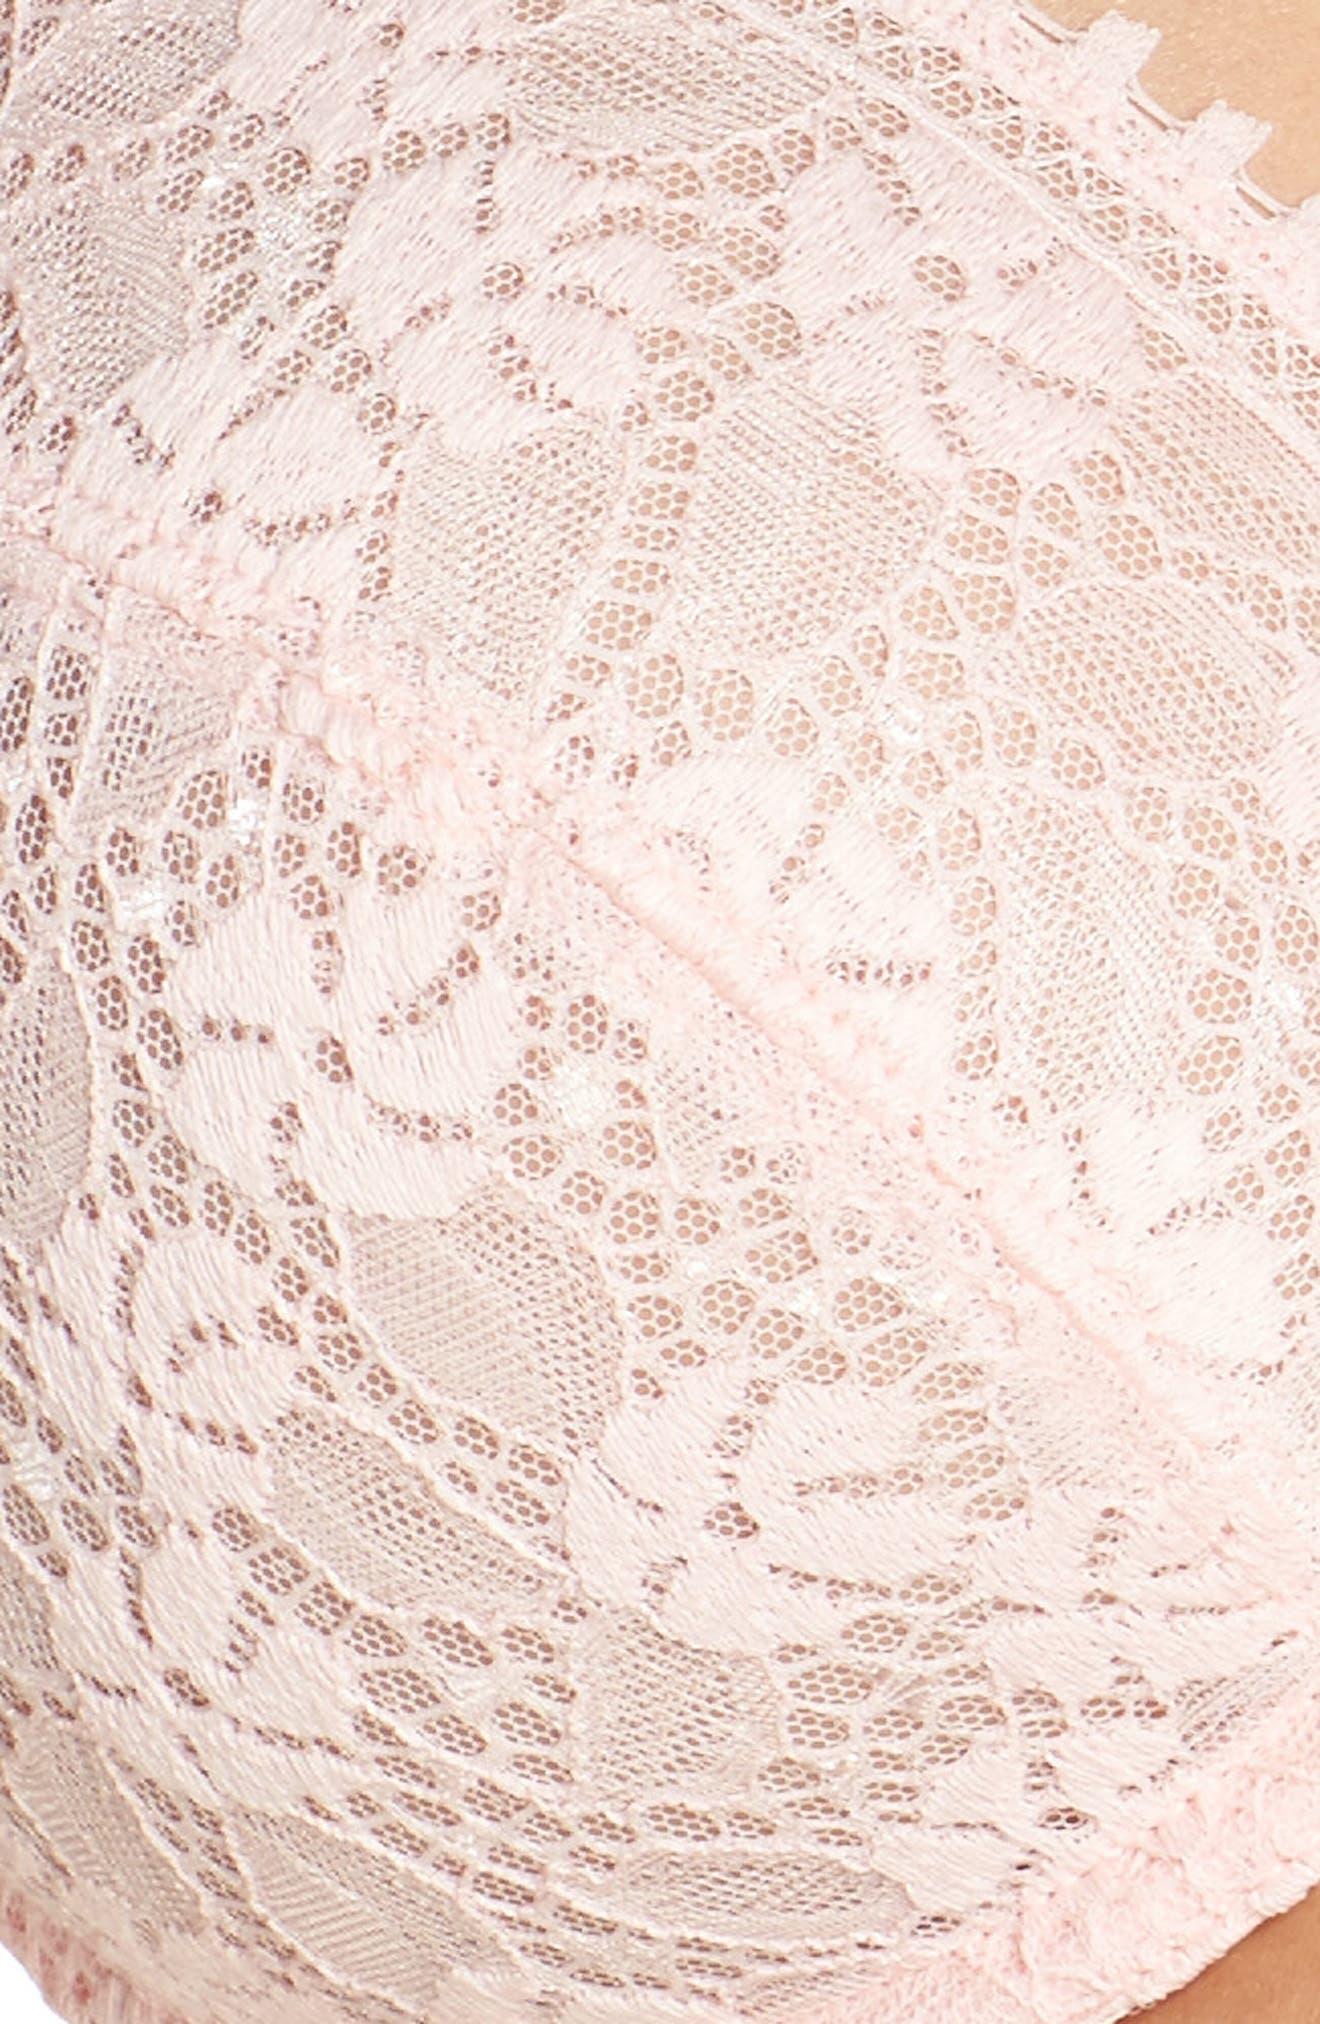 Batignolles Lace Underwire Bra,                             Alternate thumbnail 18, color,